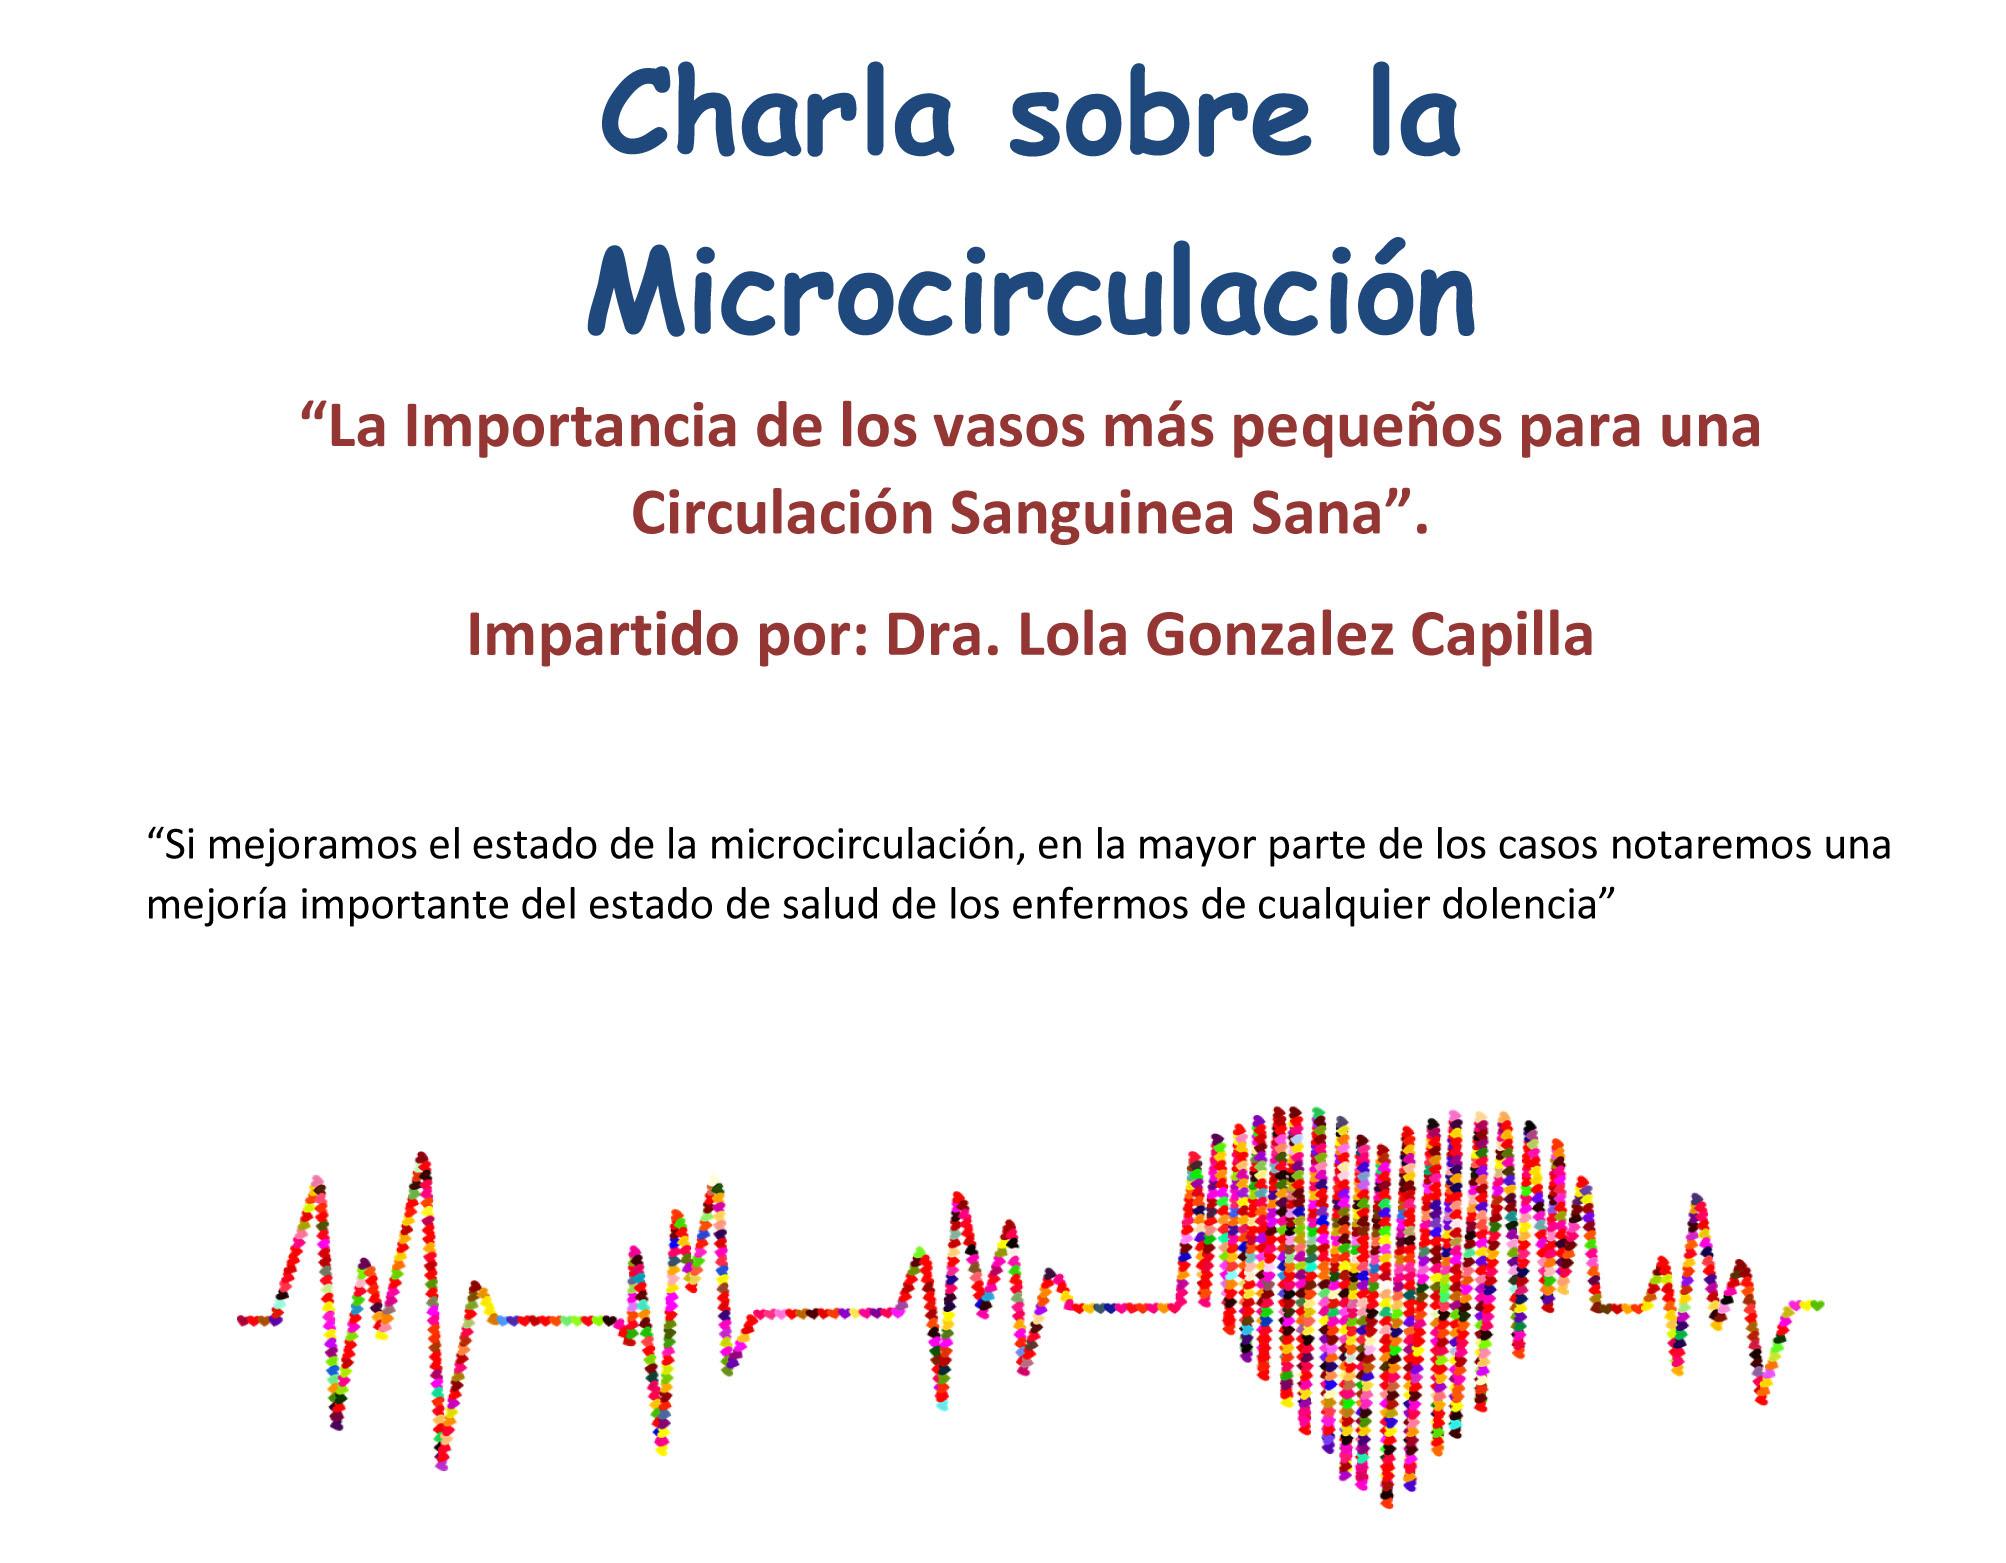 Charla microcirculación sanguínea